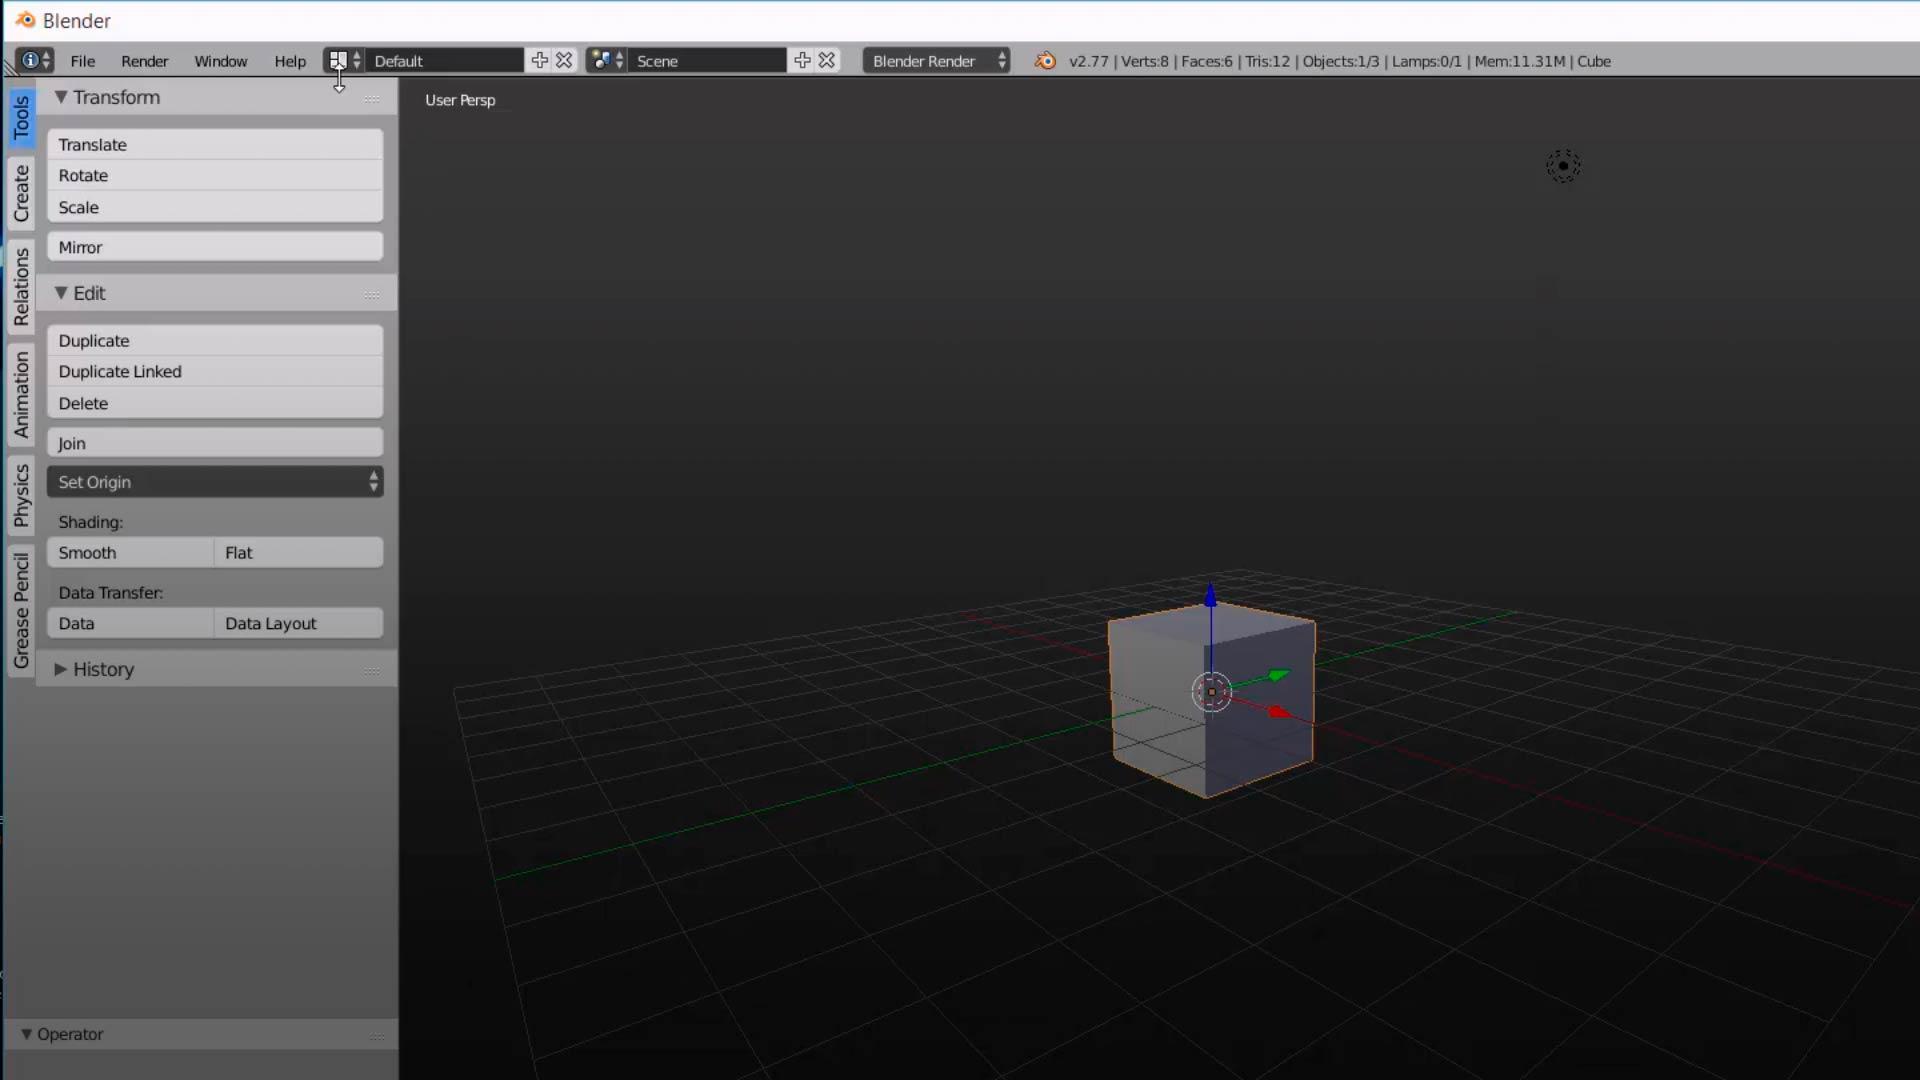 El interface de Blender (Aprende 3D con Blender)